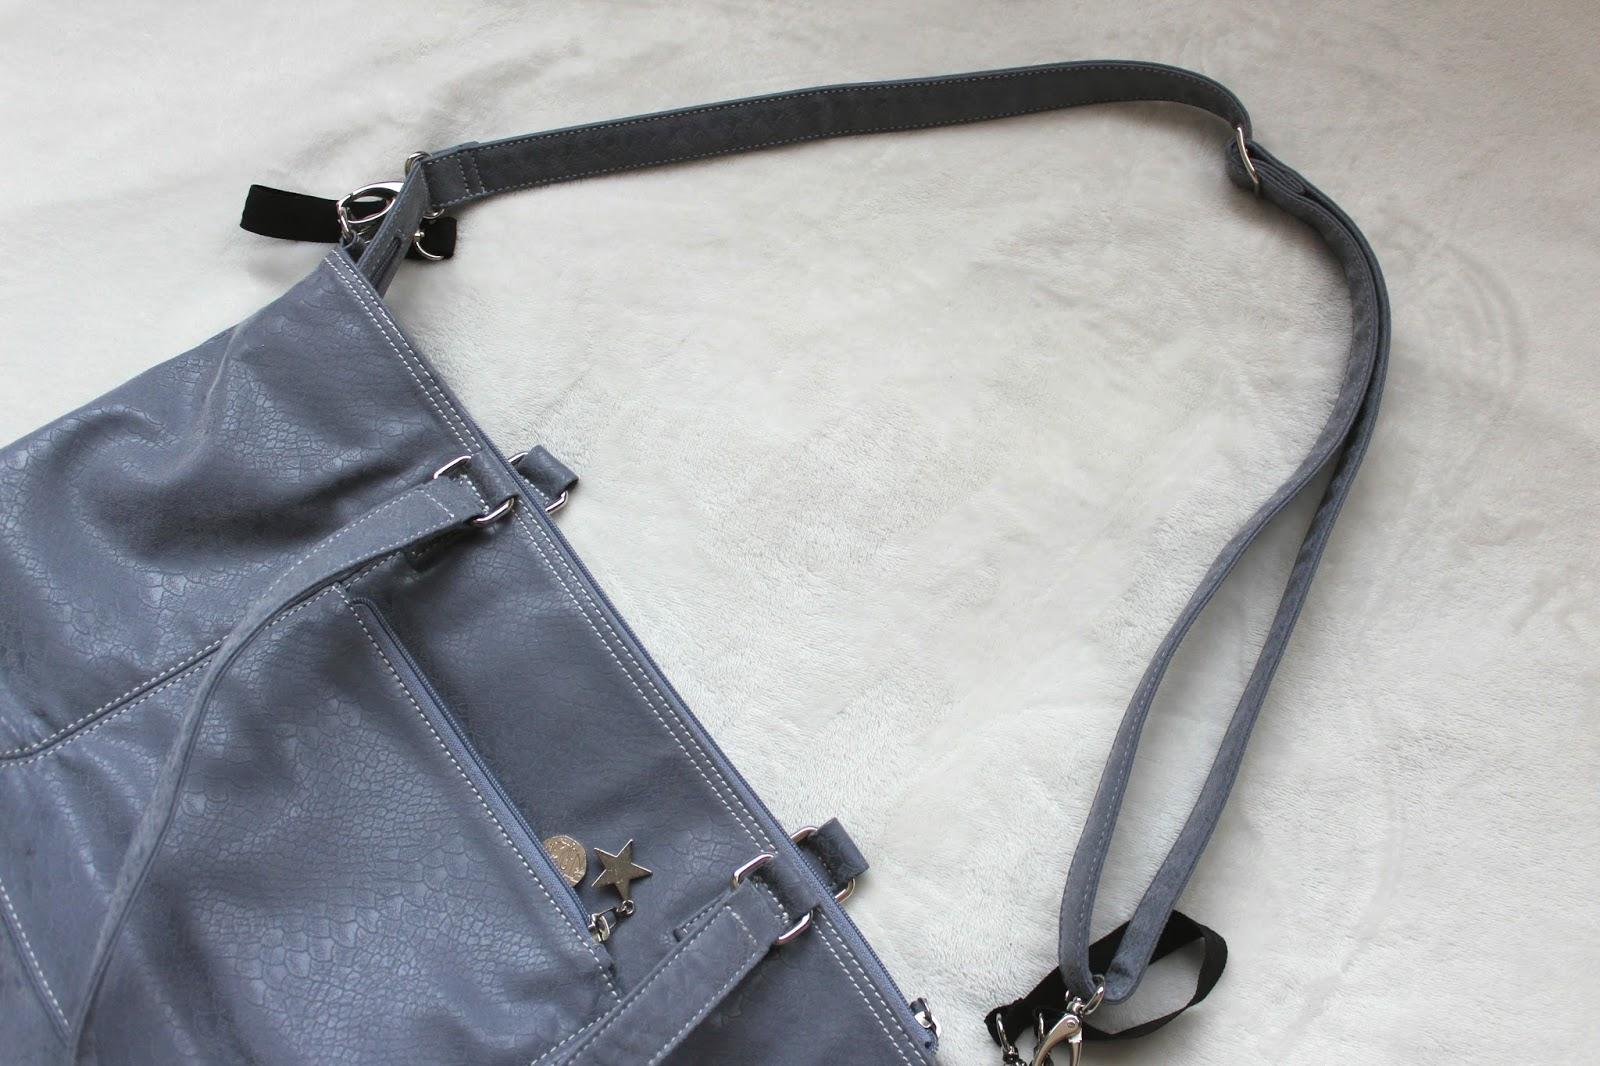 Large grey handbag with a long grey strap.